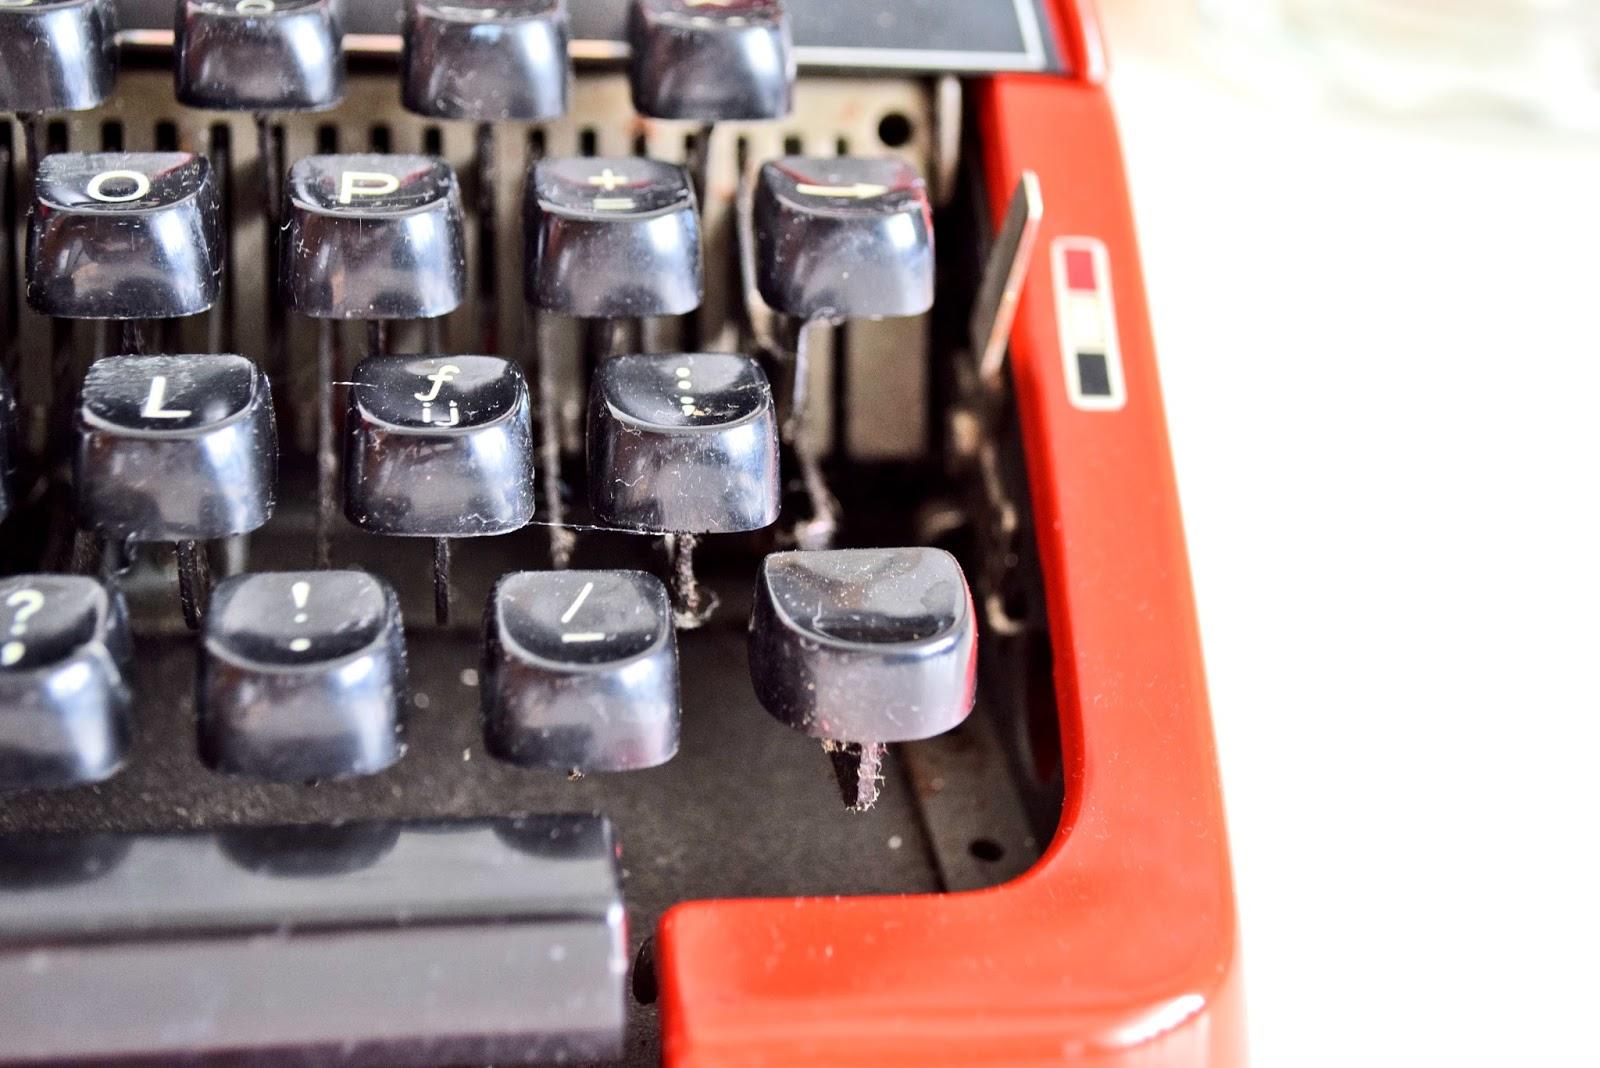 Maszyna do pisania, jak ją używać?